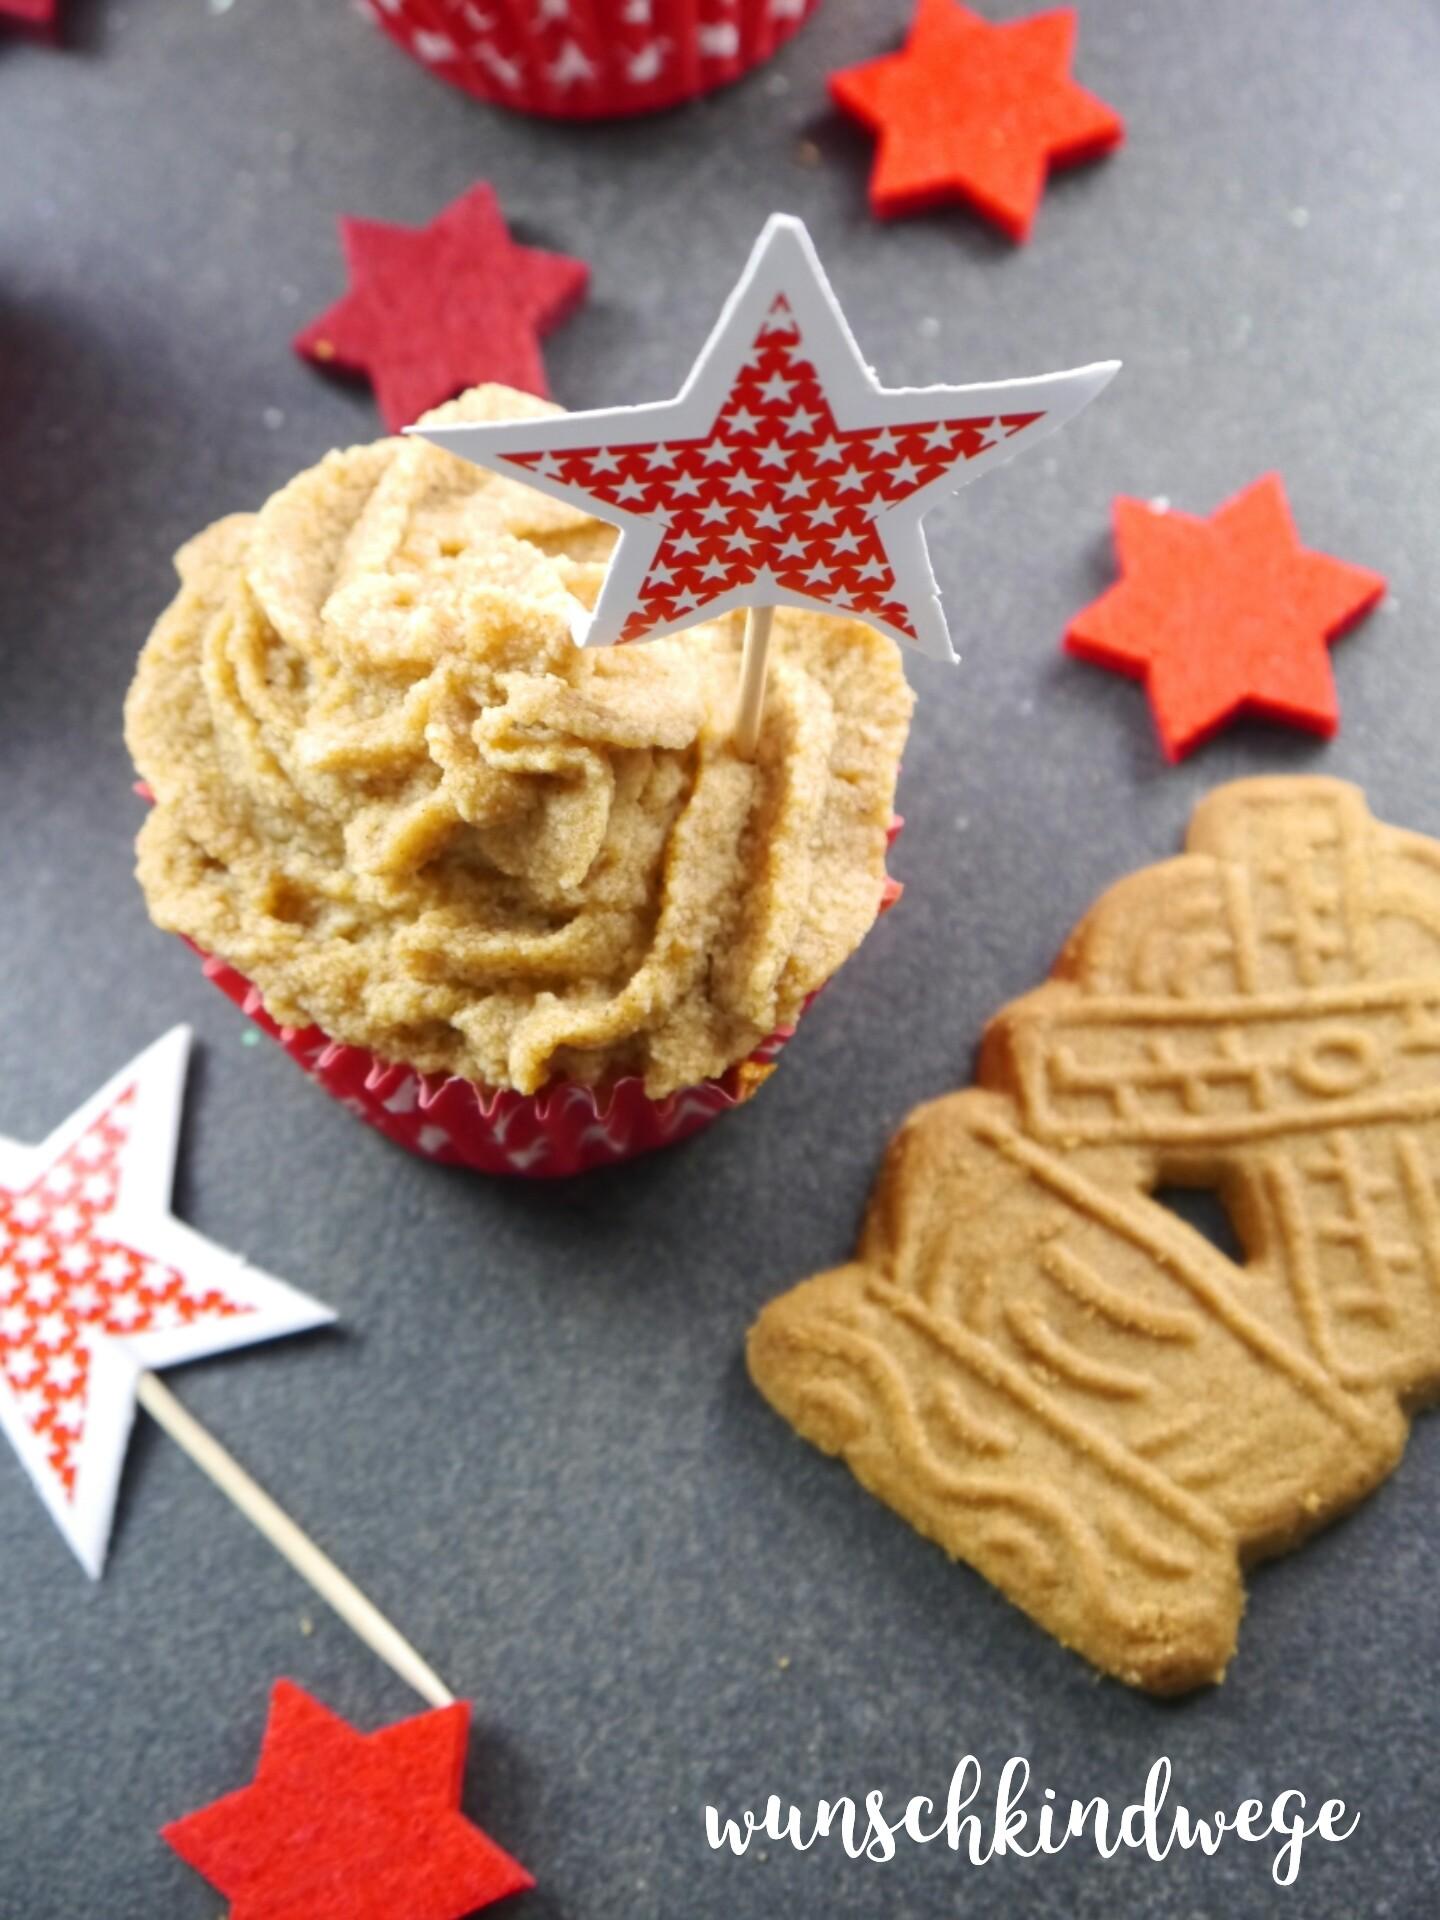 Das Bild zeigt Bratapfelcupcakes mit Spekulatiussahne auf schwarzem Hintergrund. Es liegen rote Sterne sowie Spekulatius daneben.